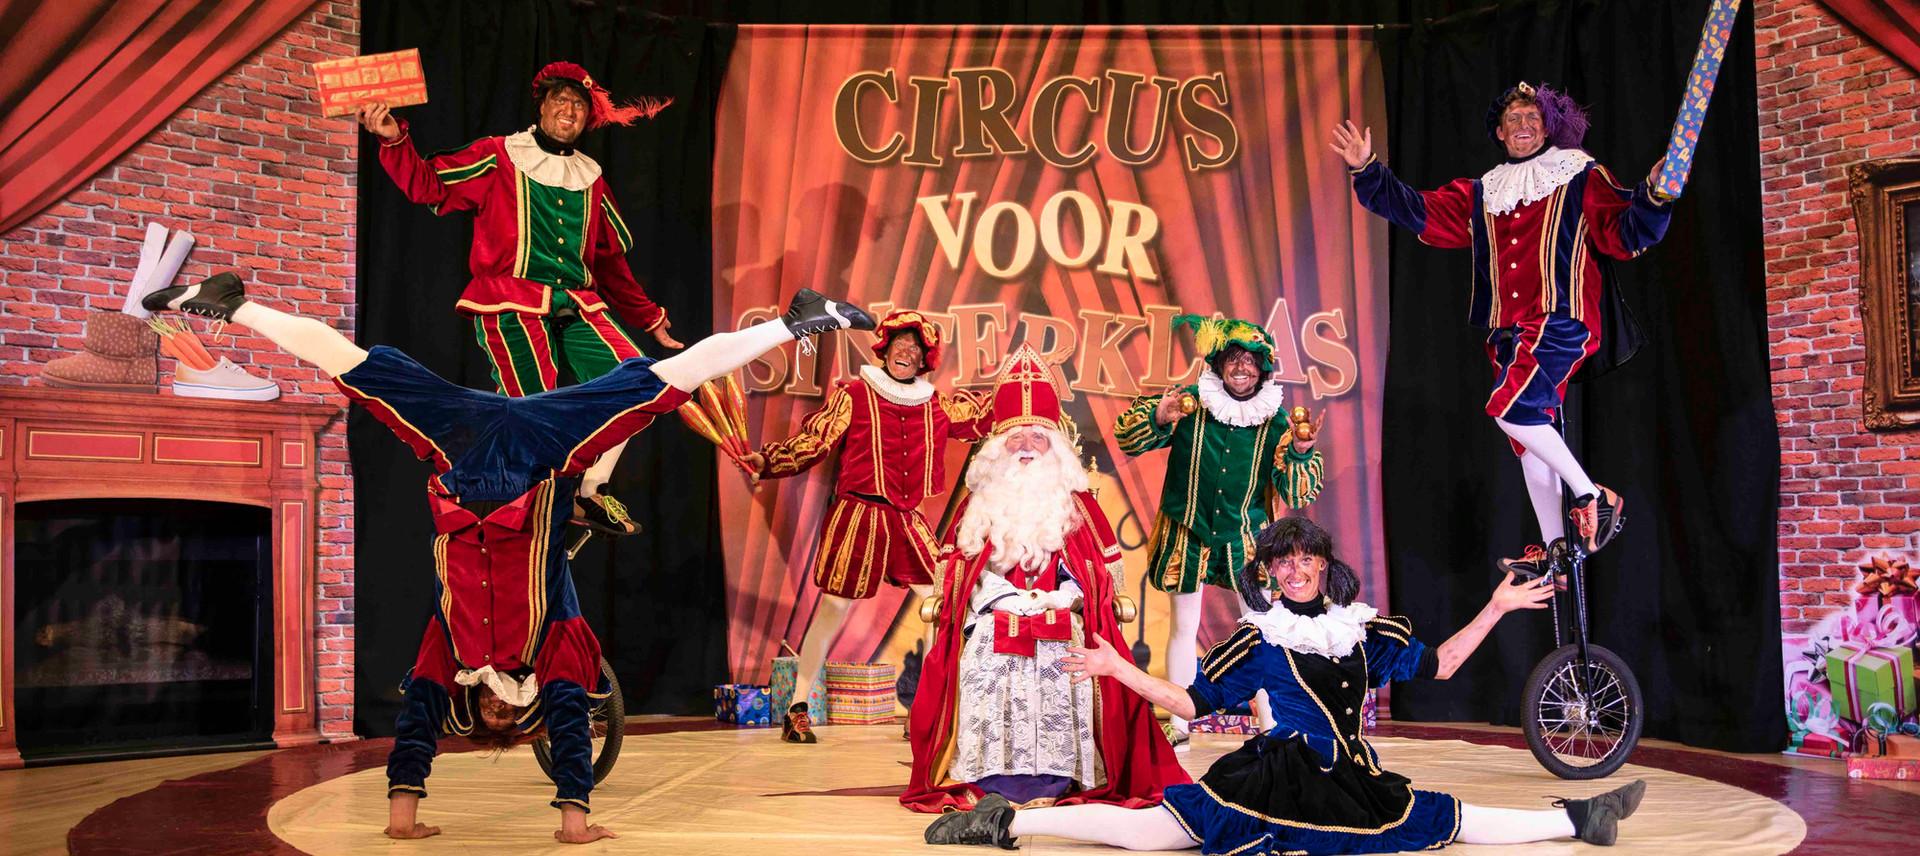 Circus voor Sinterklaas Circuspiet Show